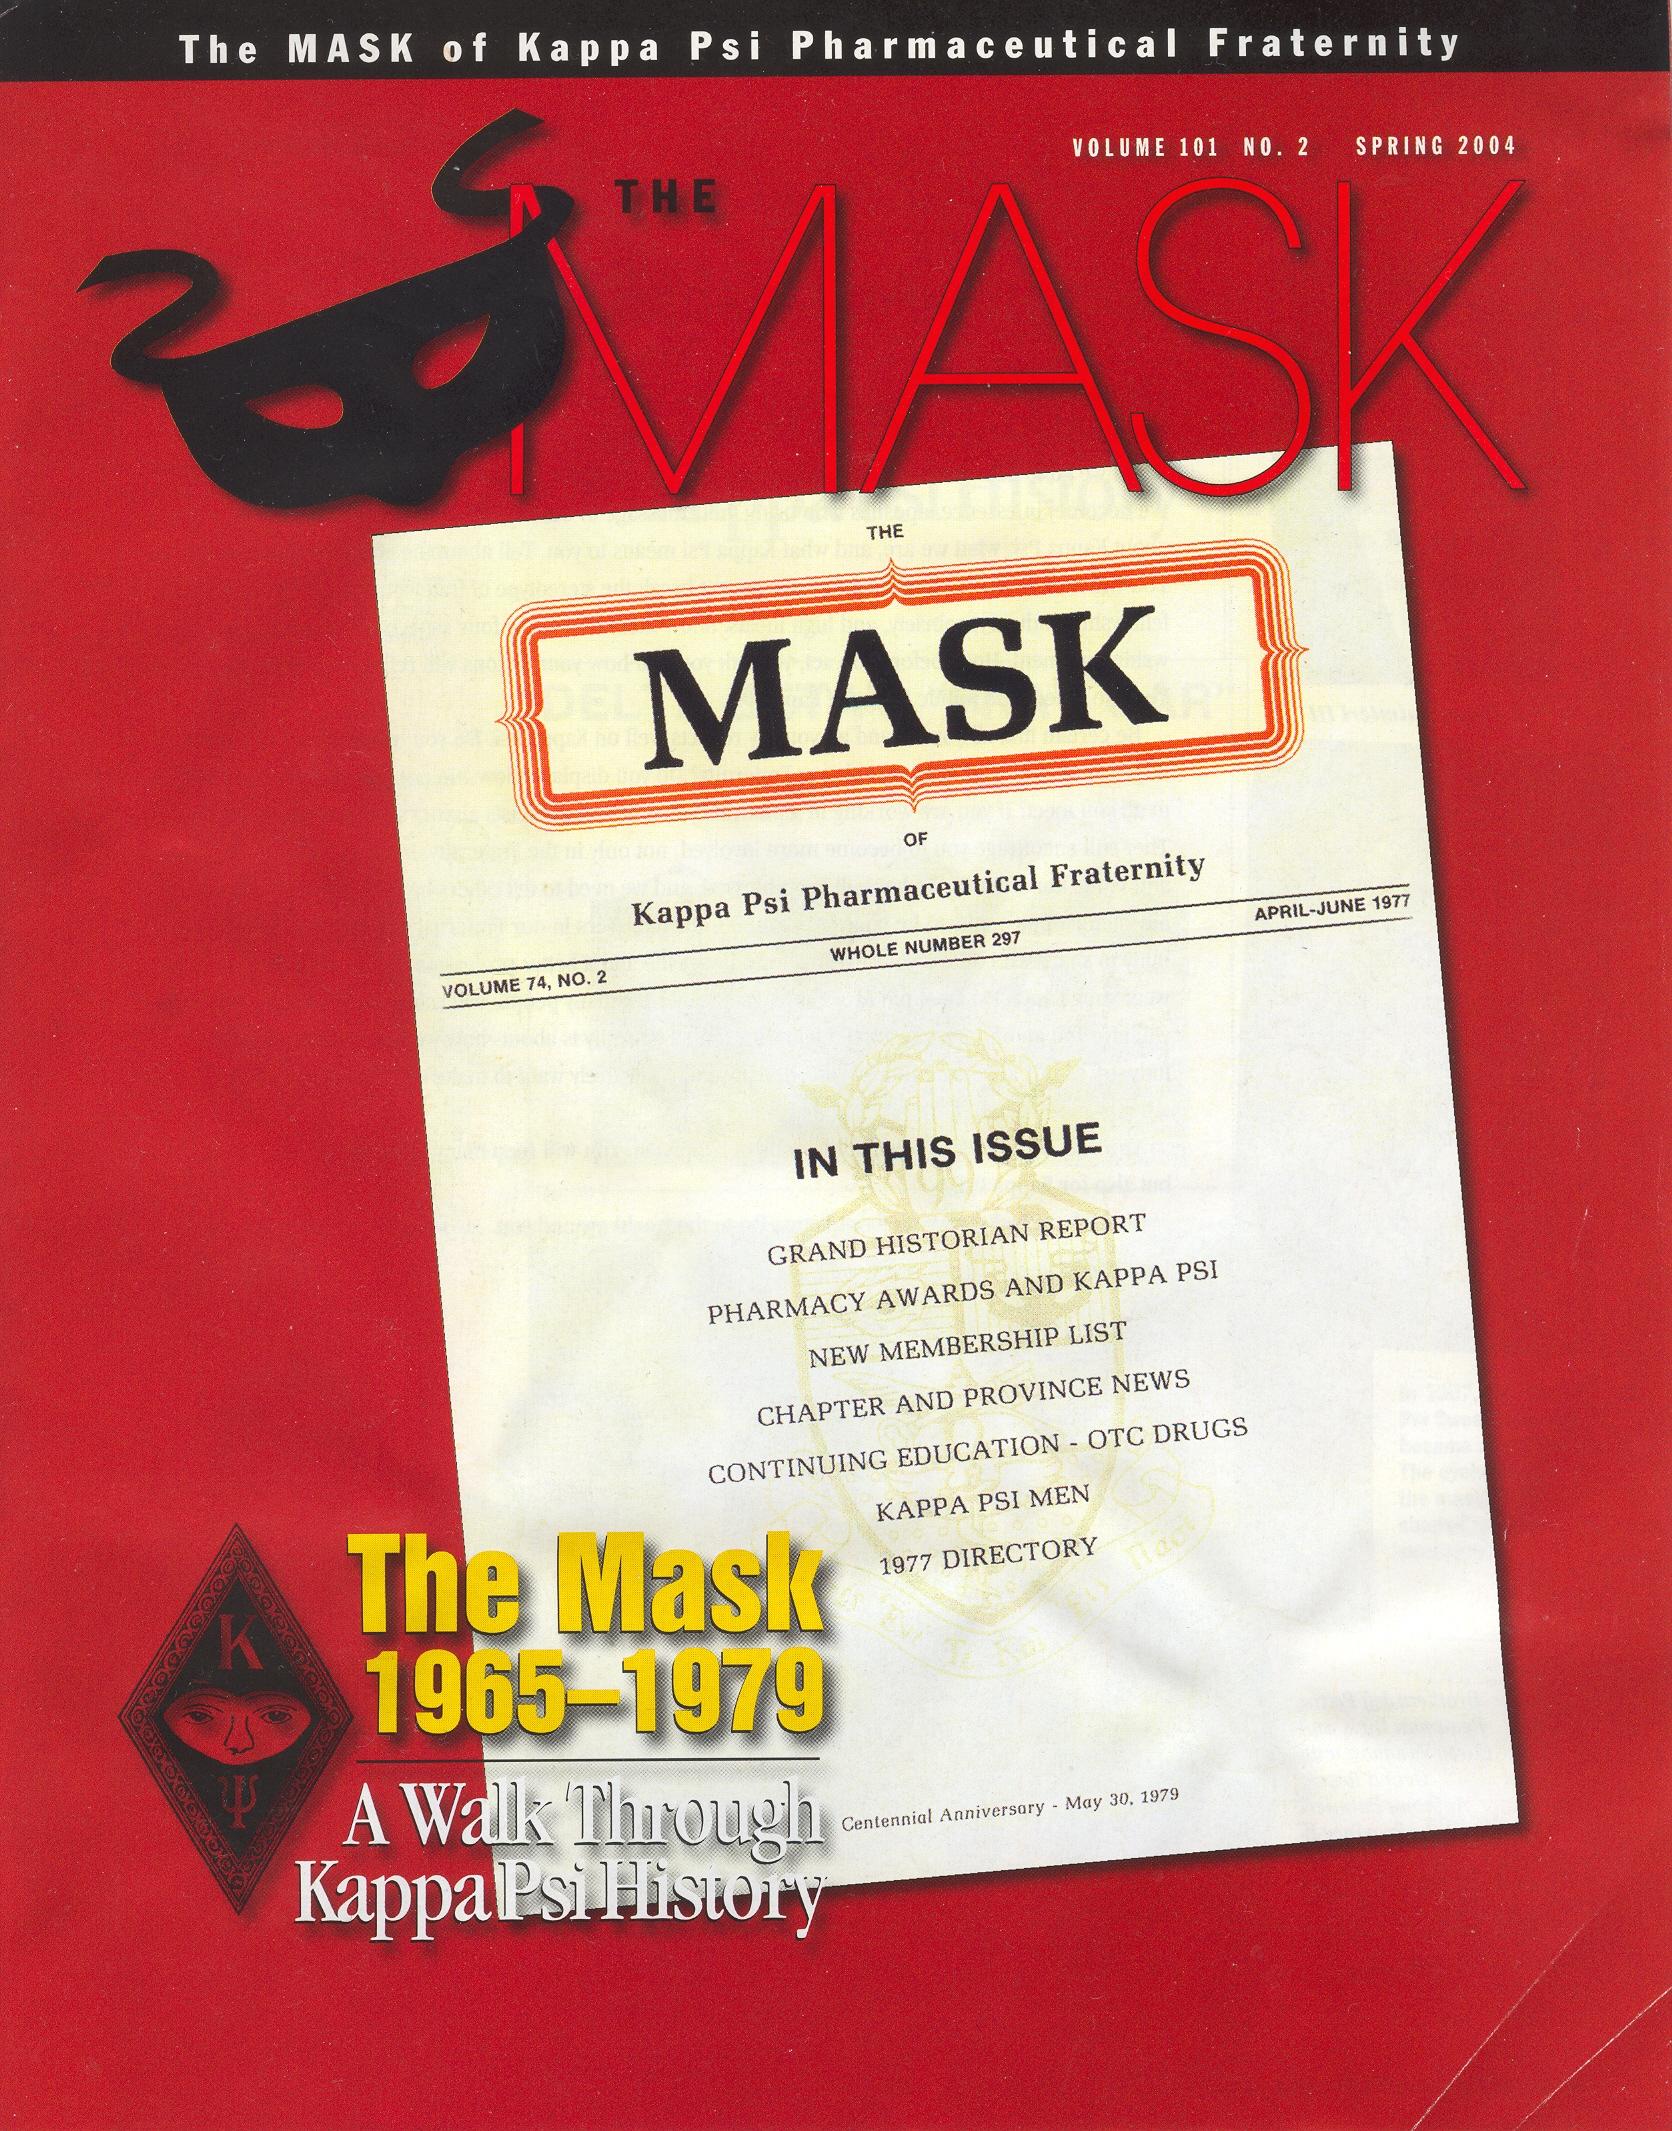 mask_cover_101-2_2004_spr.jpg